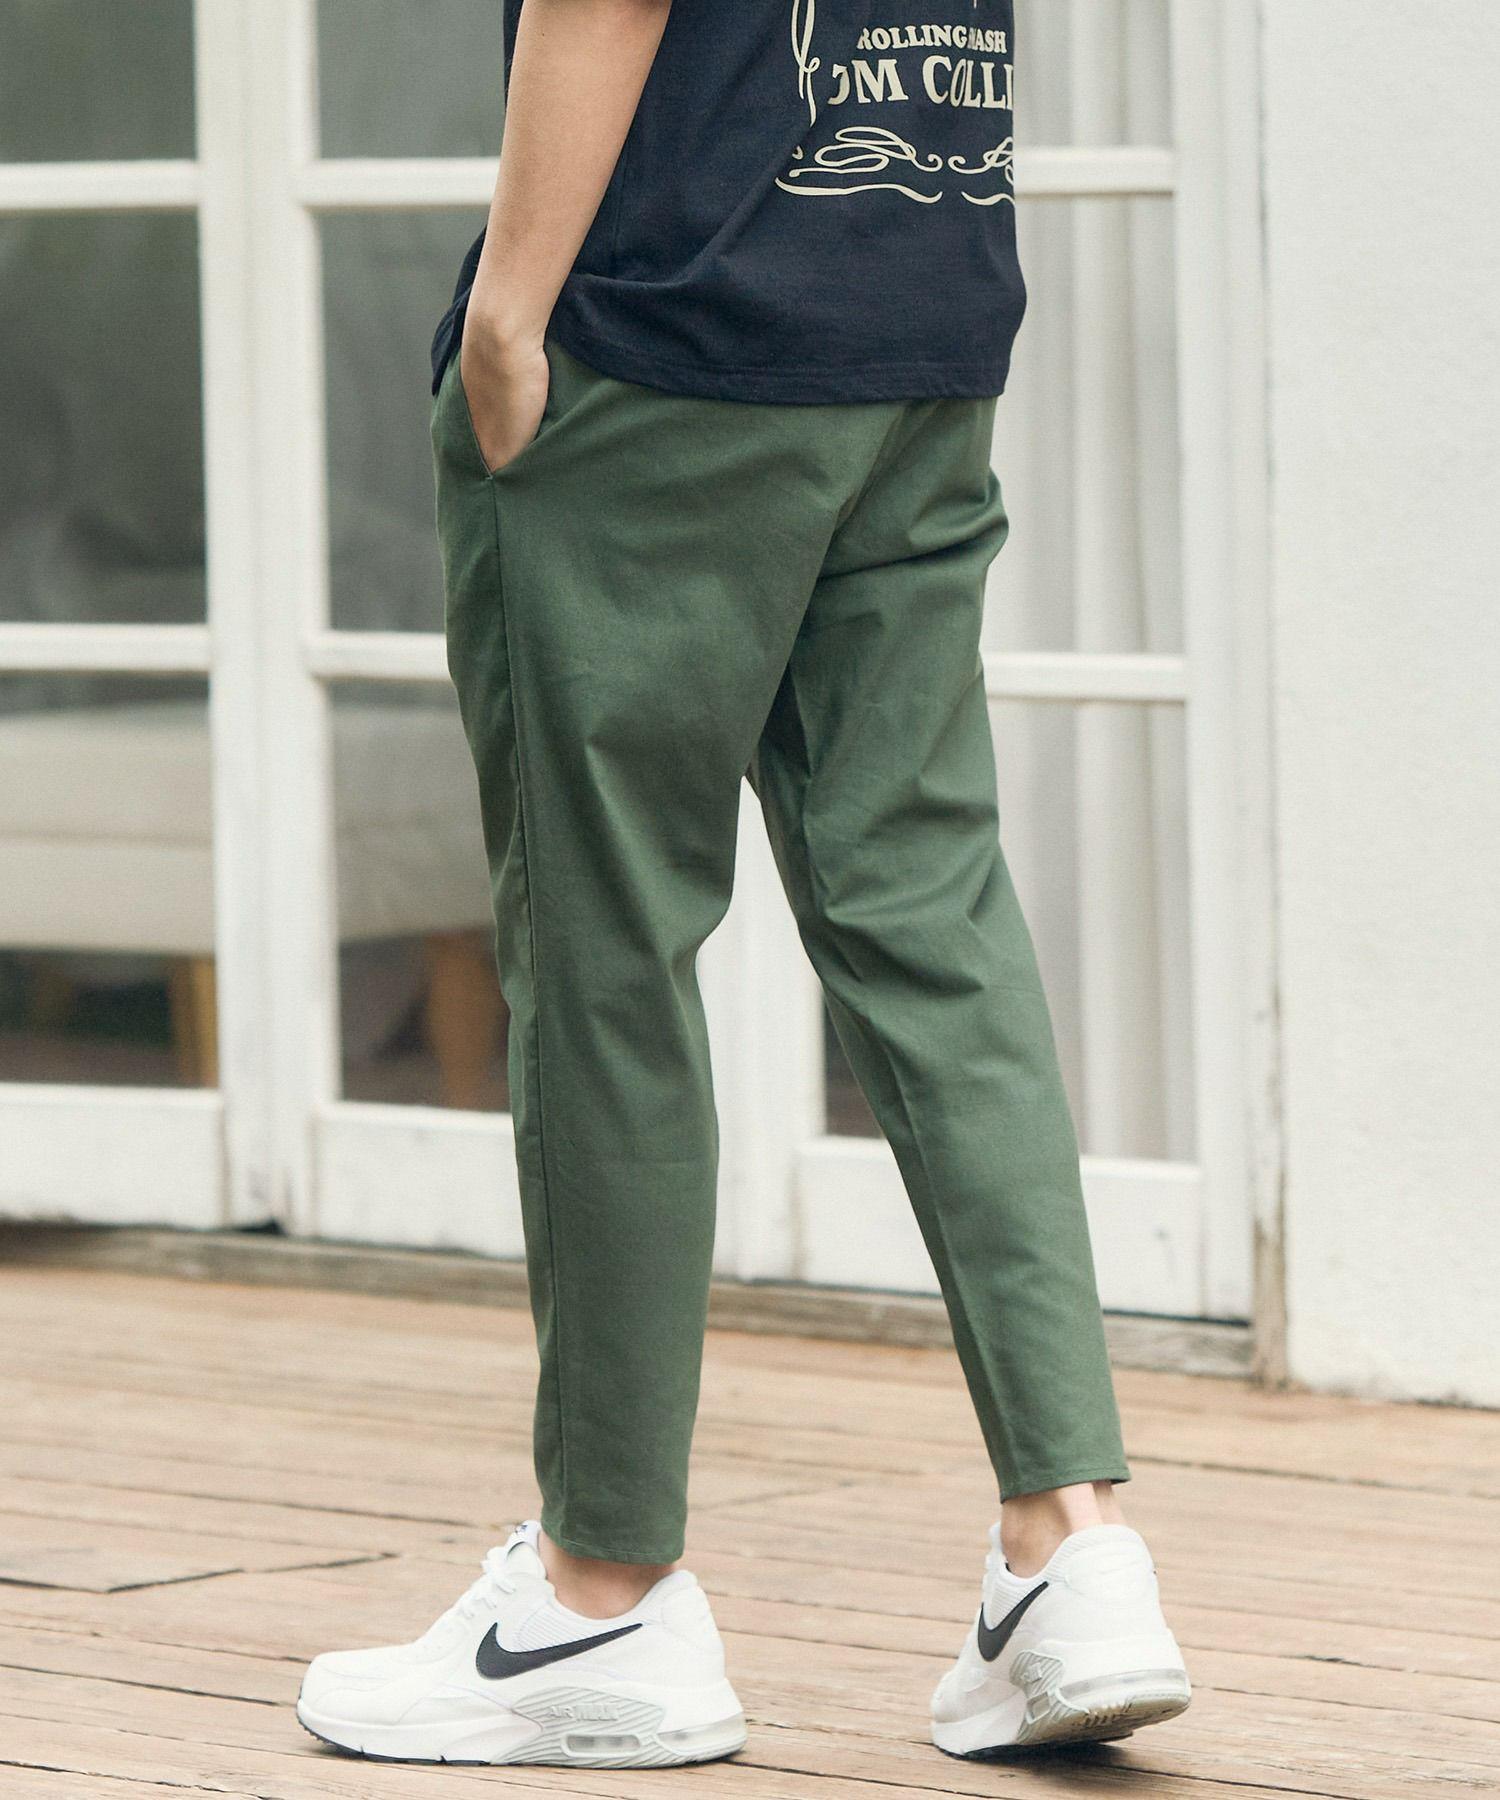 【一部サイズカラー予約販売11月下旬~12月上旬入荷予定】【CAMBIO(カンビオ)】Stretch Saruel Tight Tapered Pants  サルエルパンツ